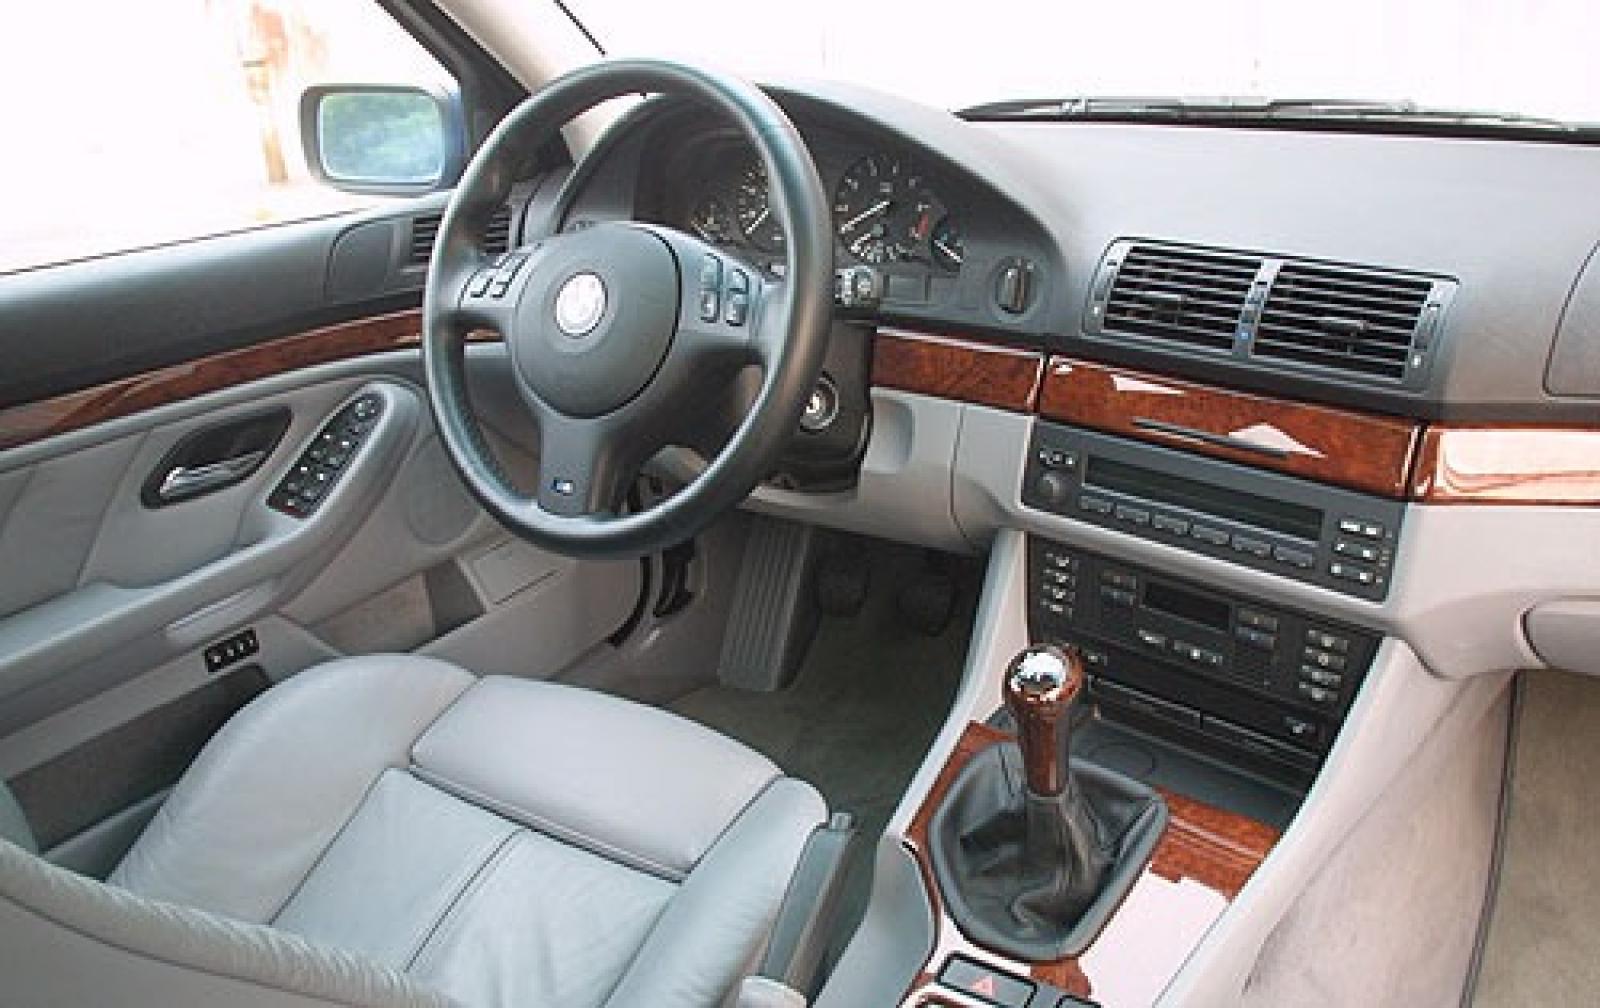 2002 bmw 5 series 540i 4d exterior 9 800 1024 1280 1600 origin